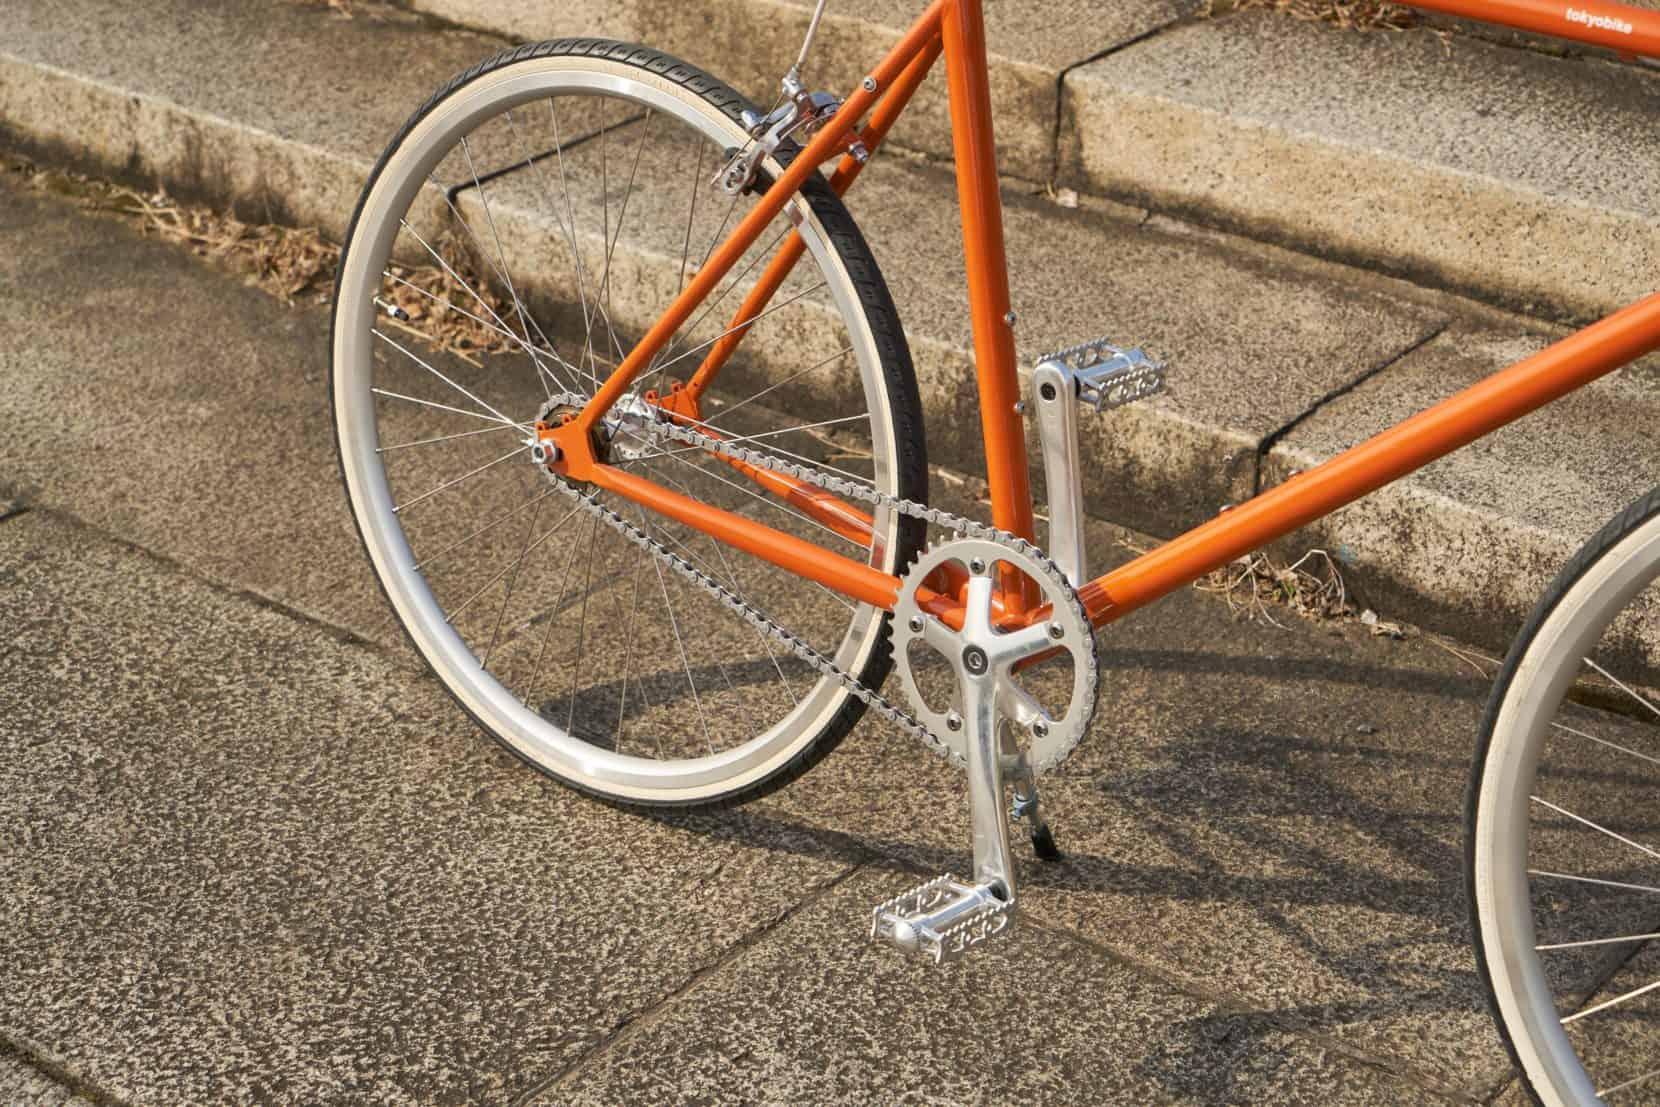 初心者でも楽しめる自転車TOKYOBIKE 26 TOKYOBIKE MONO 違い